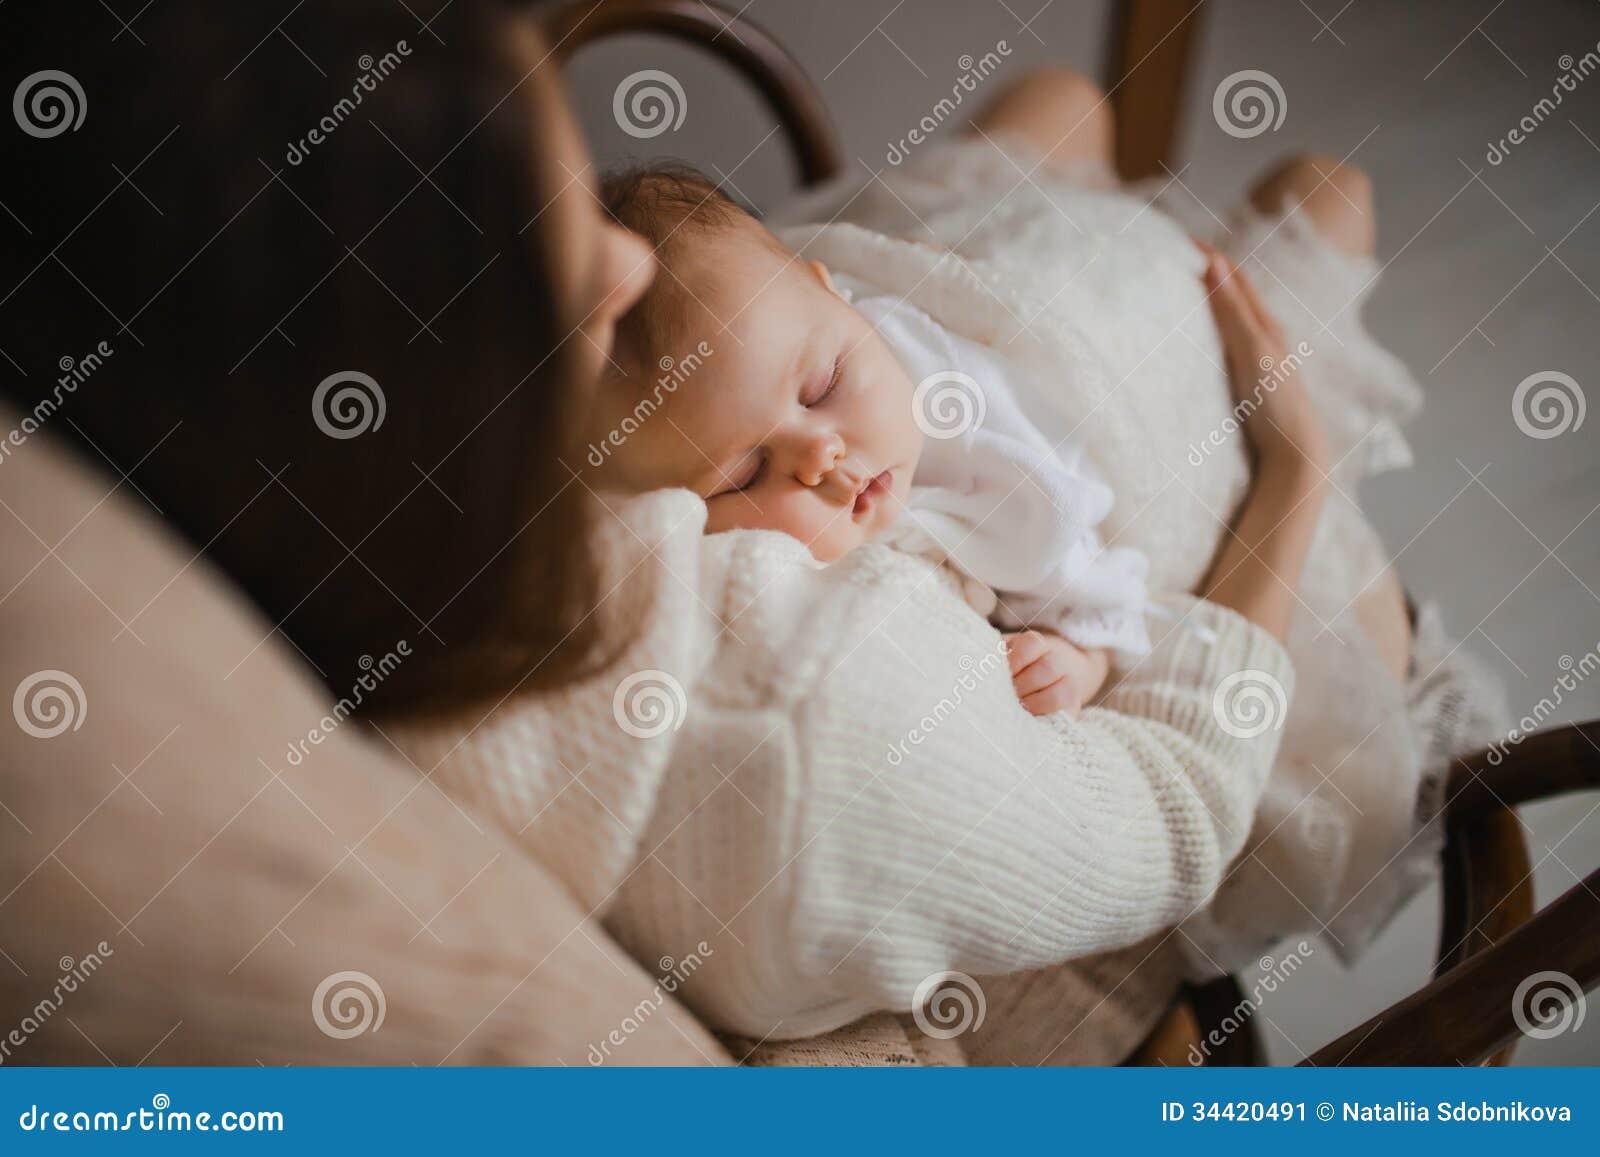 Смотреть онлайн я сплю с мамой 25 фотография